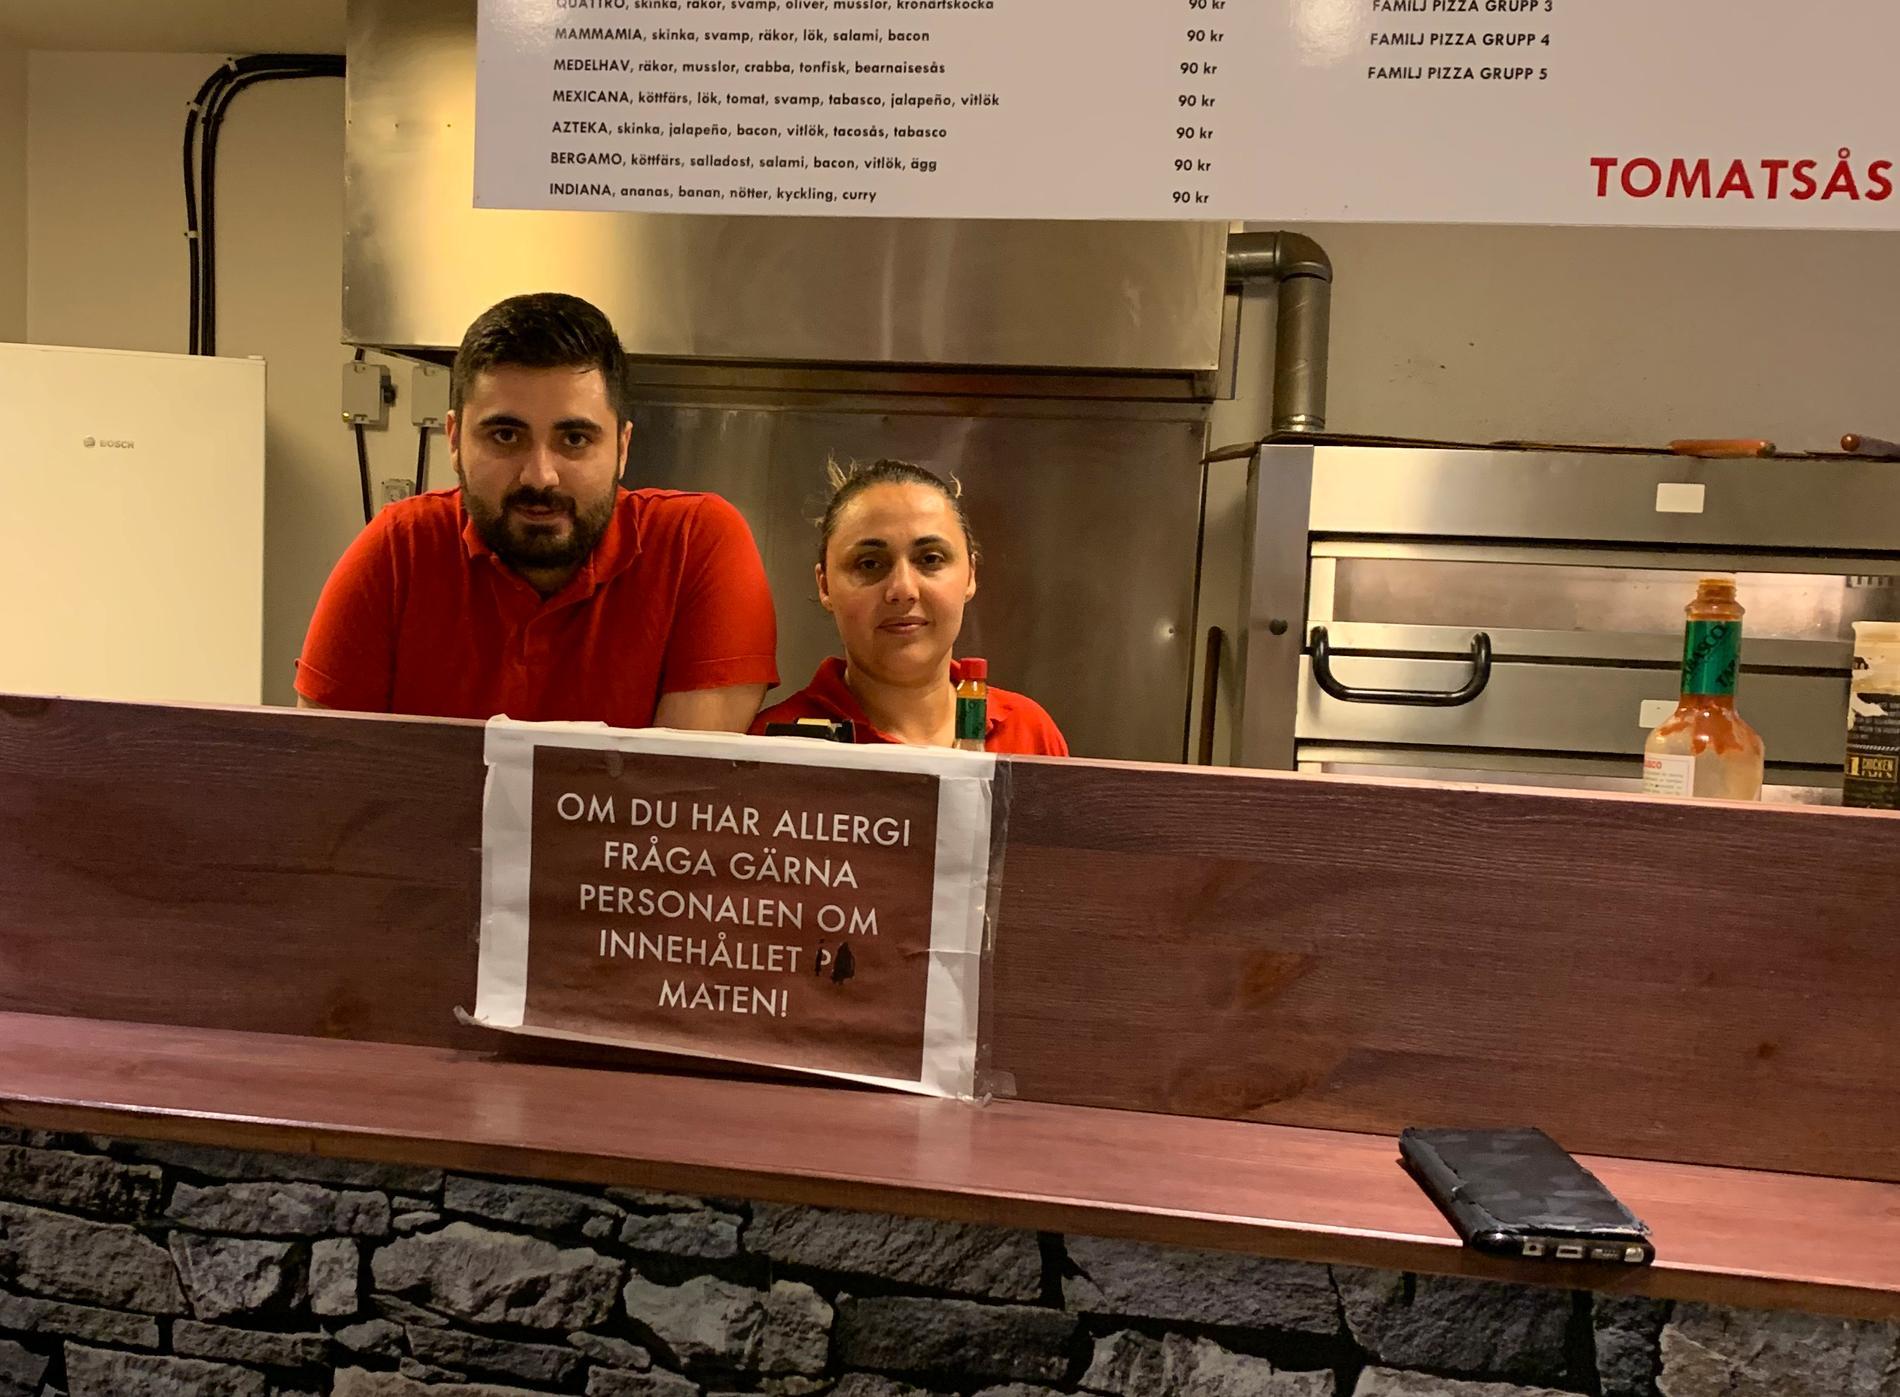 Türkan Hoplar och Kazim Altun driver tillsammans Elsas pizzeria i Mellansel, Örnsköldsvik.